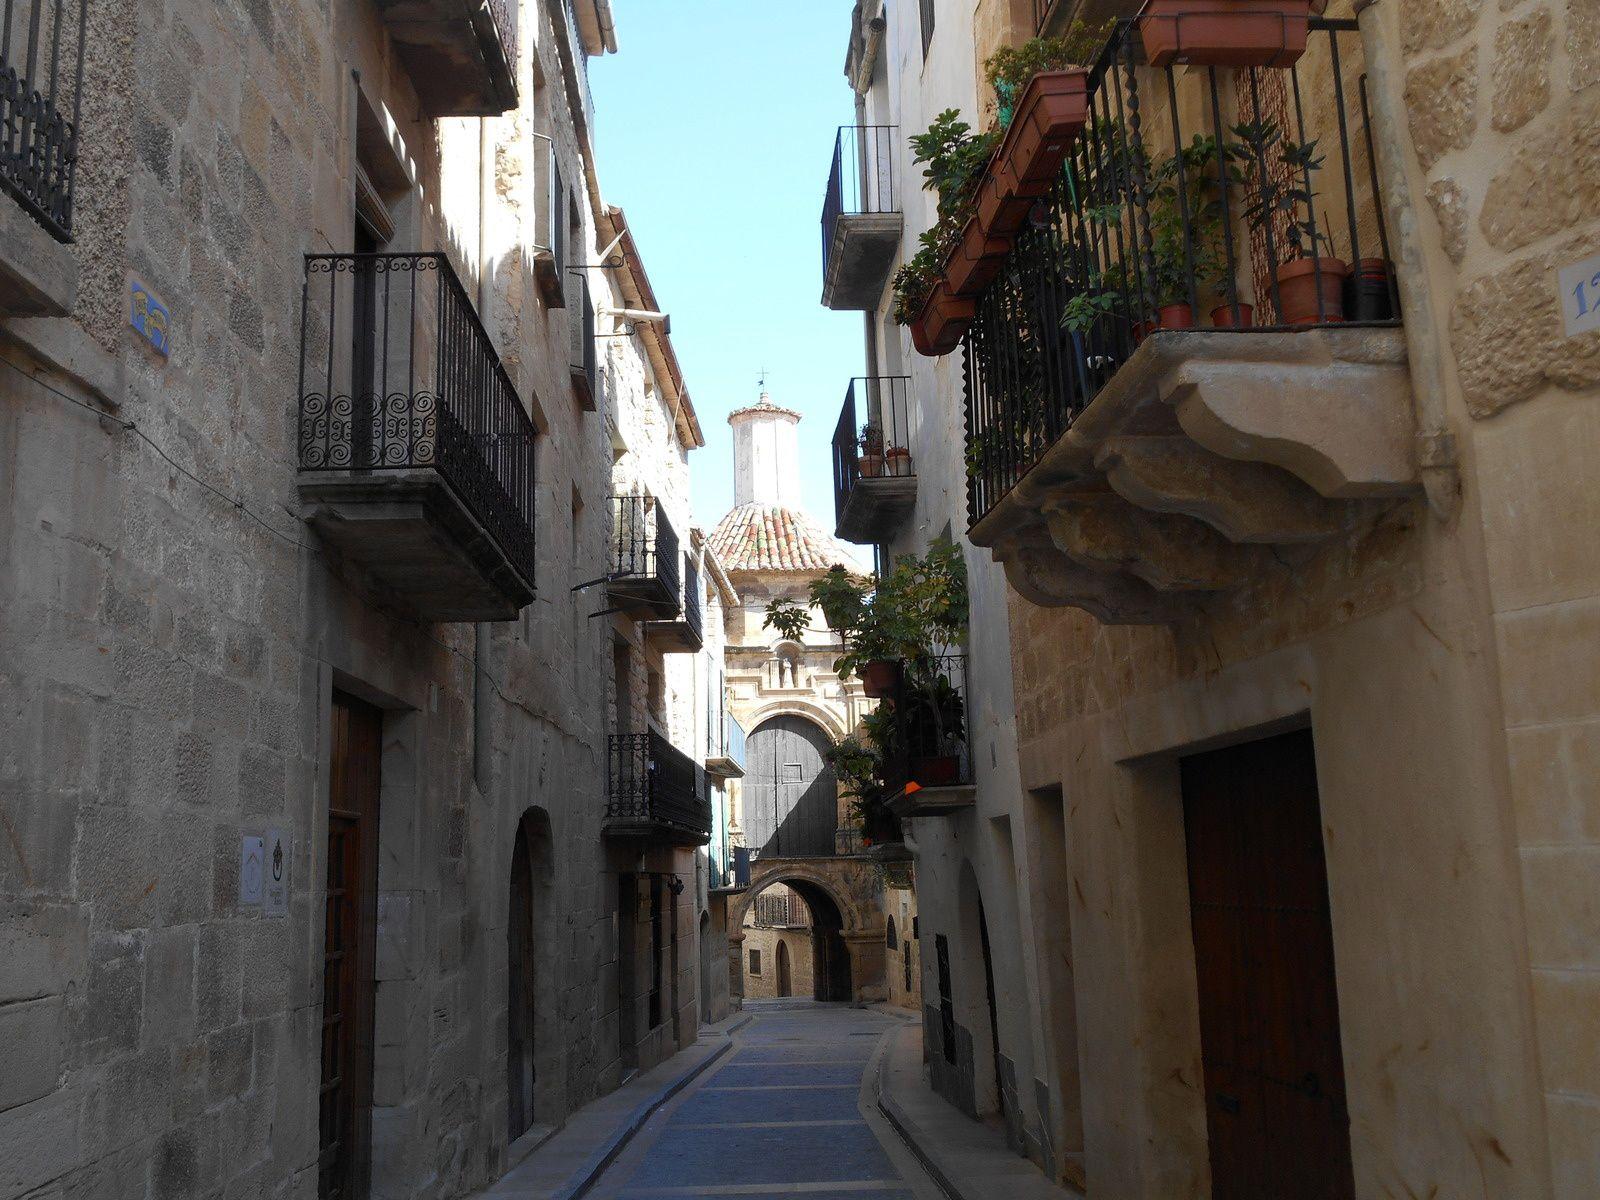 Portal de Orta y Capilla de San Antonio.